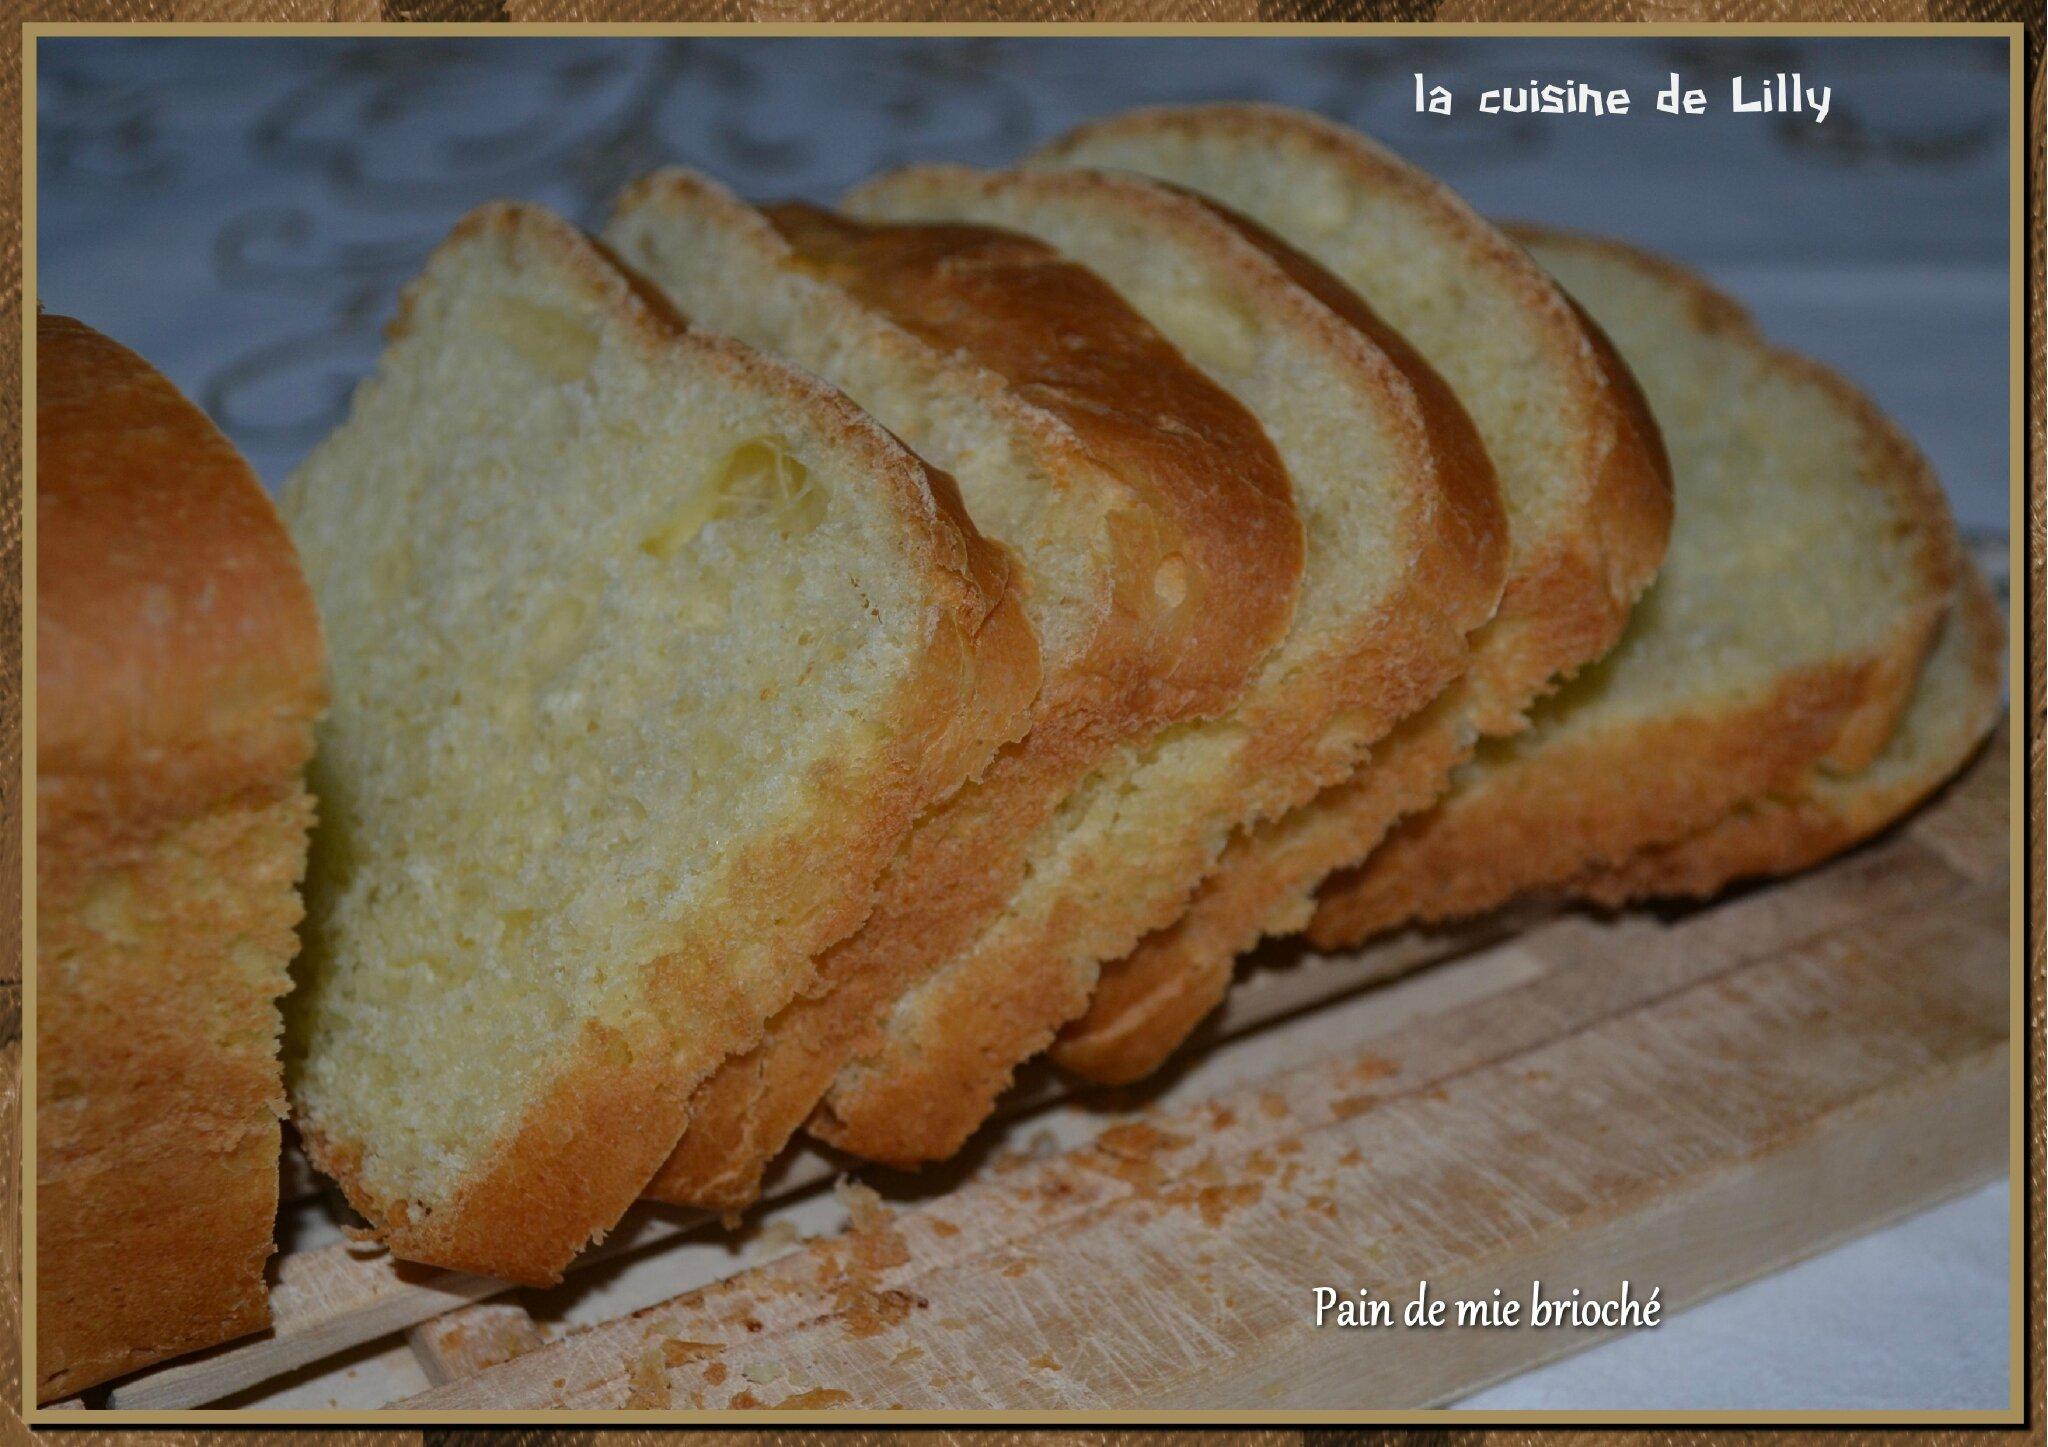 Pain de mie brioch la cuisine de lilly for Congeler du pain de mie